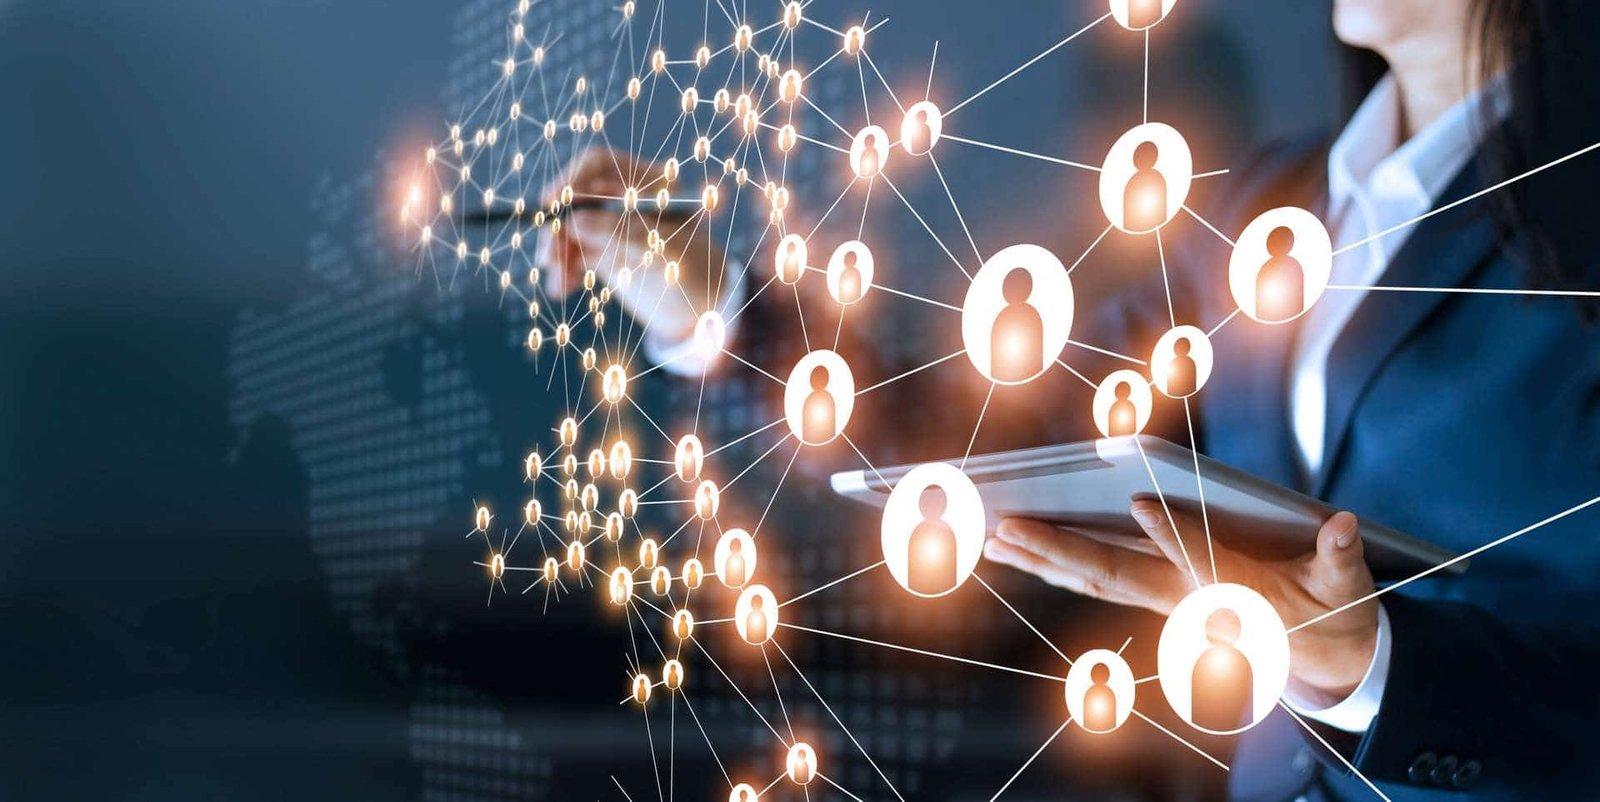 Como conseguir clientes con el networking